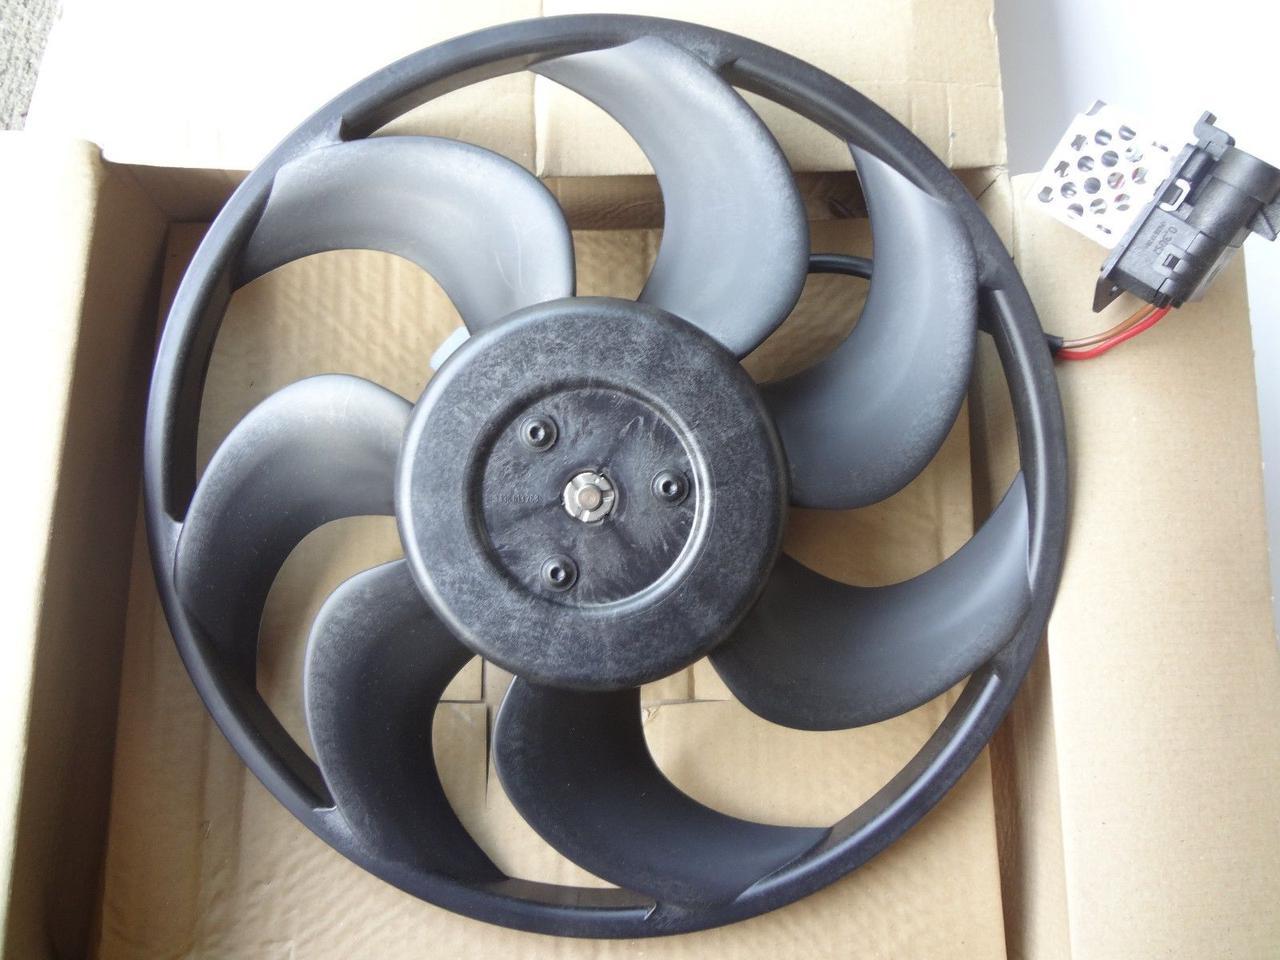 Вентилятор радиатора Opel Astra G (315mm) AC+ (с дифузорм и реостатом) KEMP